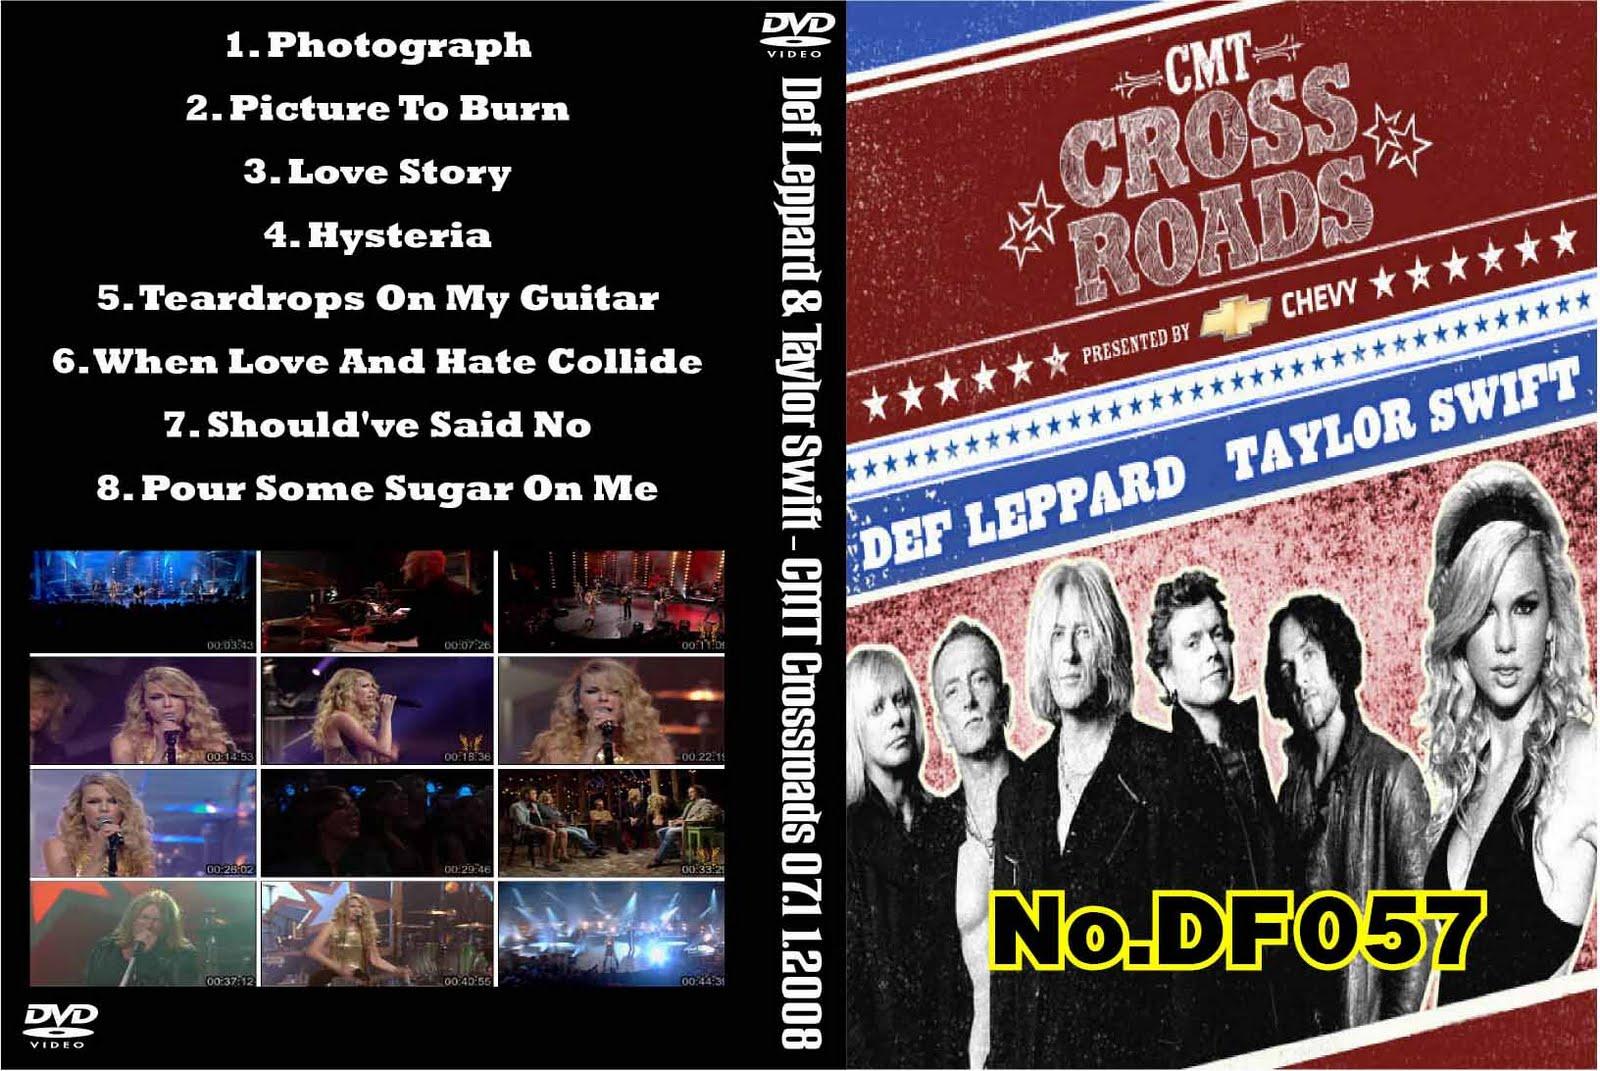 http://2.bp.blogspot.com/_j92JYU6EuQY/S9s8CZ3z7kI/AAAAAAAAAws/zQPK9W4Ntts/s1600/dvd+concert_dvd+bootleg_dvd+concert+bootleg_bootlegth_Def+Leppard+%26+Taylor+Swift+-+CMT+Crossroad+2008-07-11.jpg